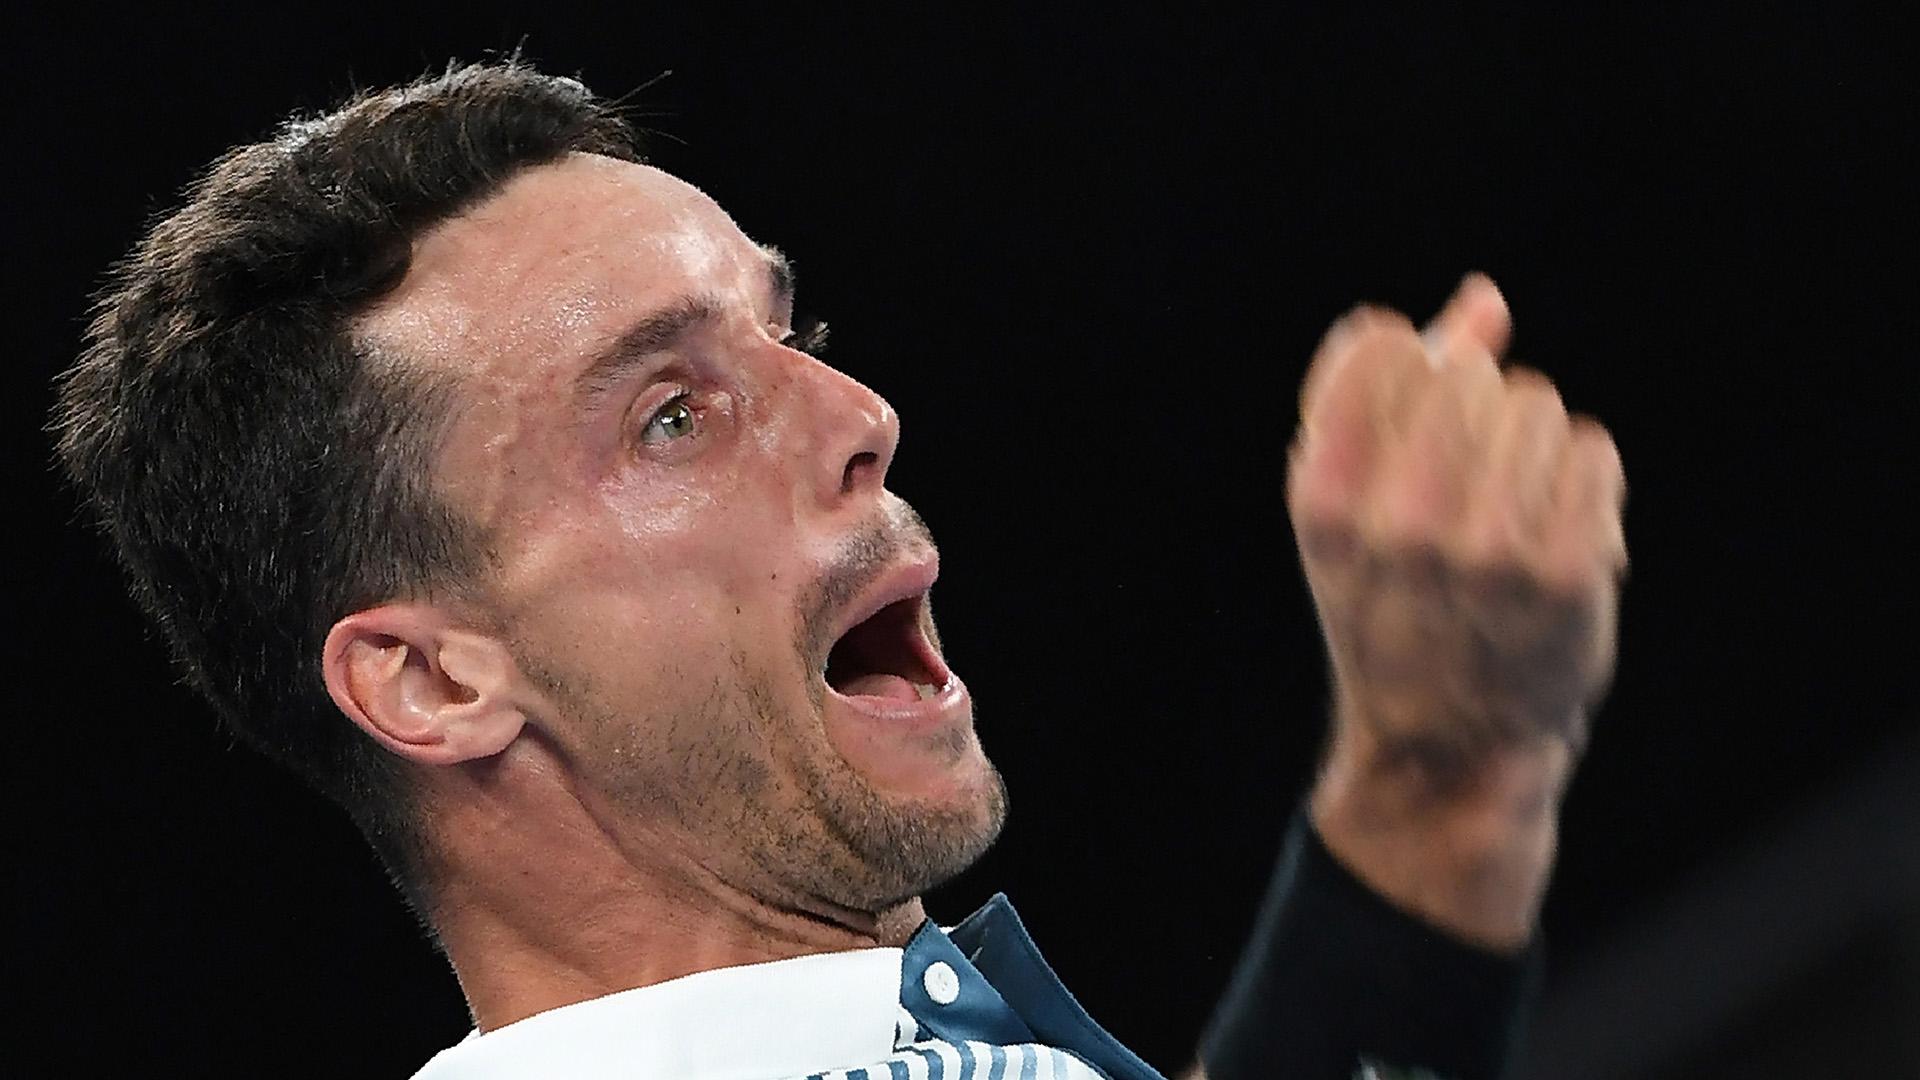 El español Roberto Bautista festeja su victoria ante John Millman por 6-3, 6-1, 3-6, 6-7 (6/8), 6-4